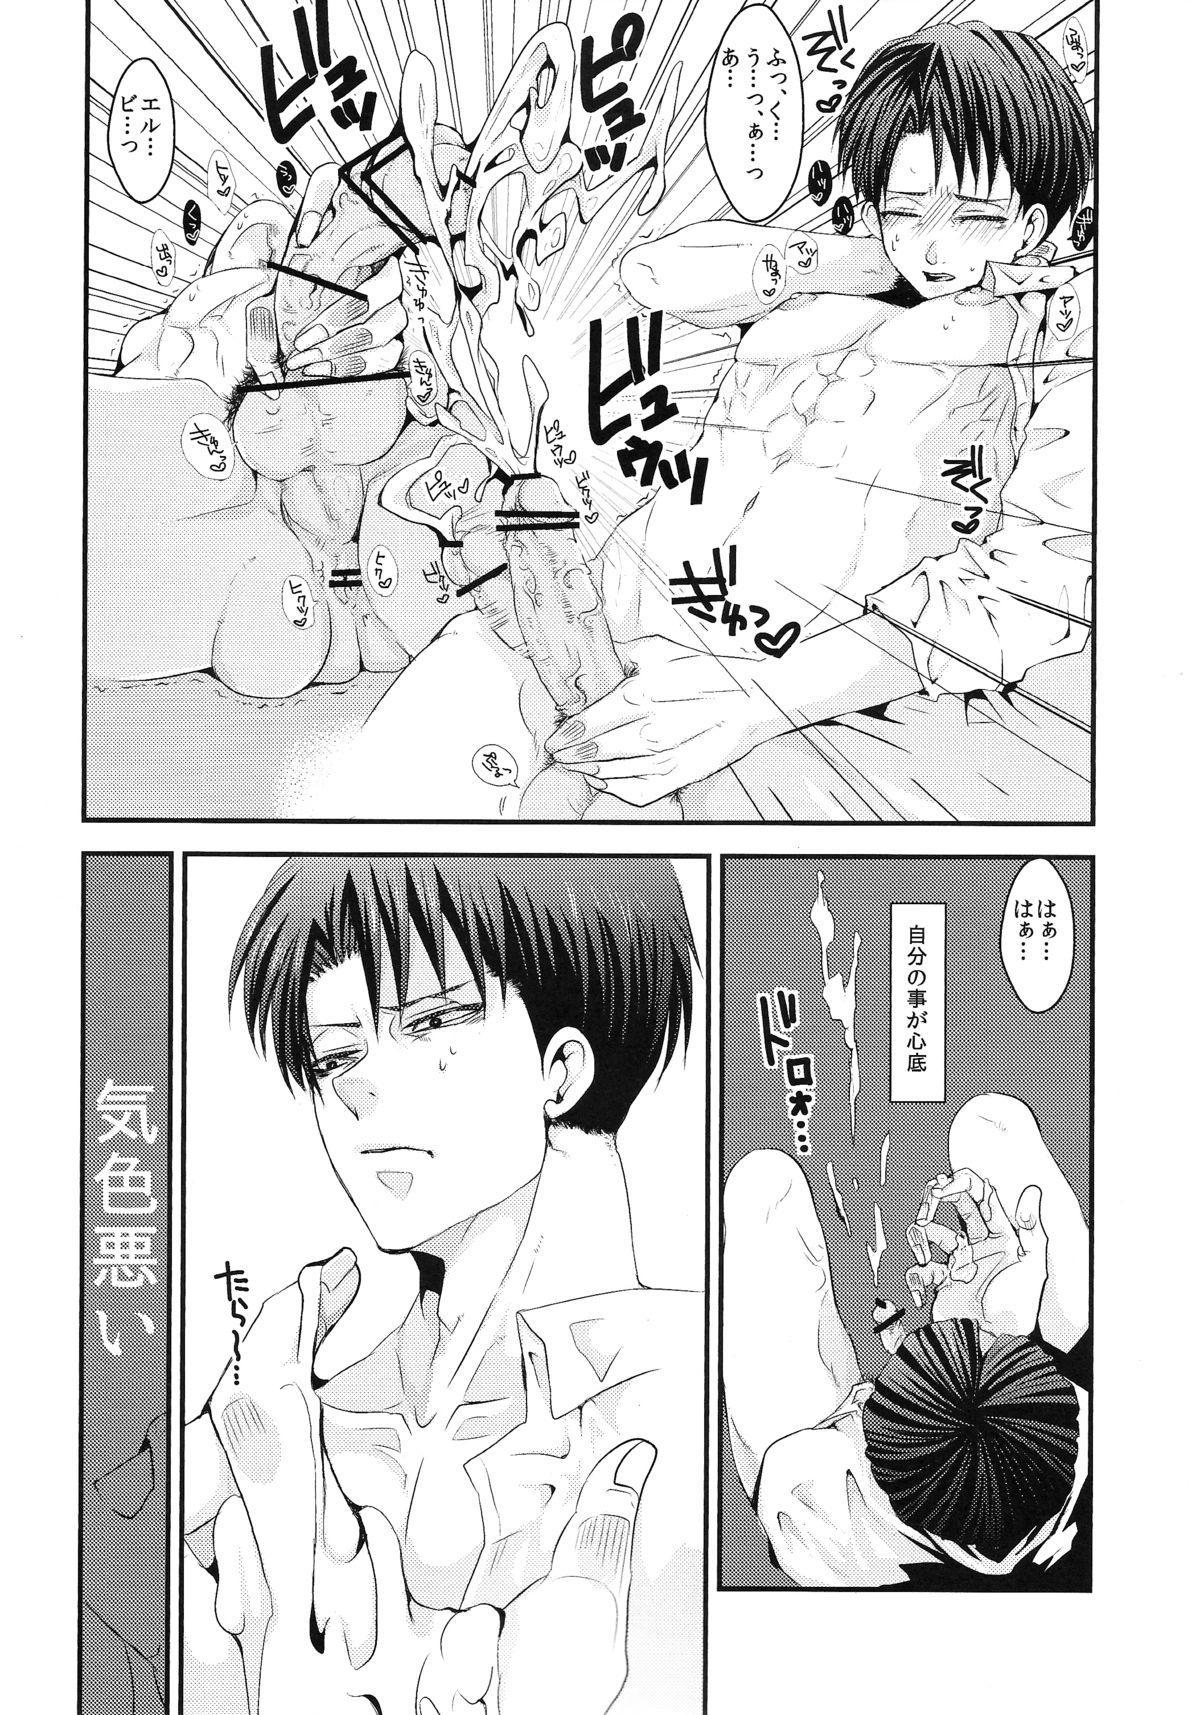 Ore no Kangaeta Ichiban Kantan na Kaiketsu Houhou o Warau Yatsu Korosu 9